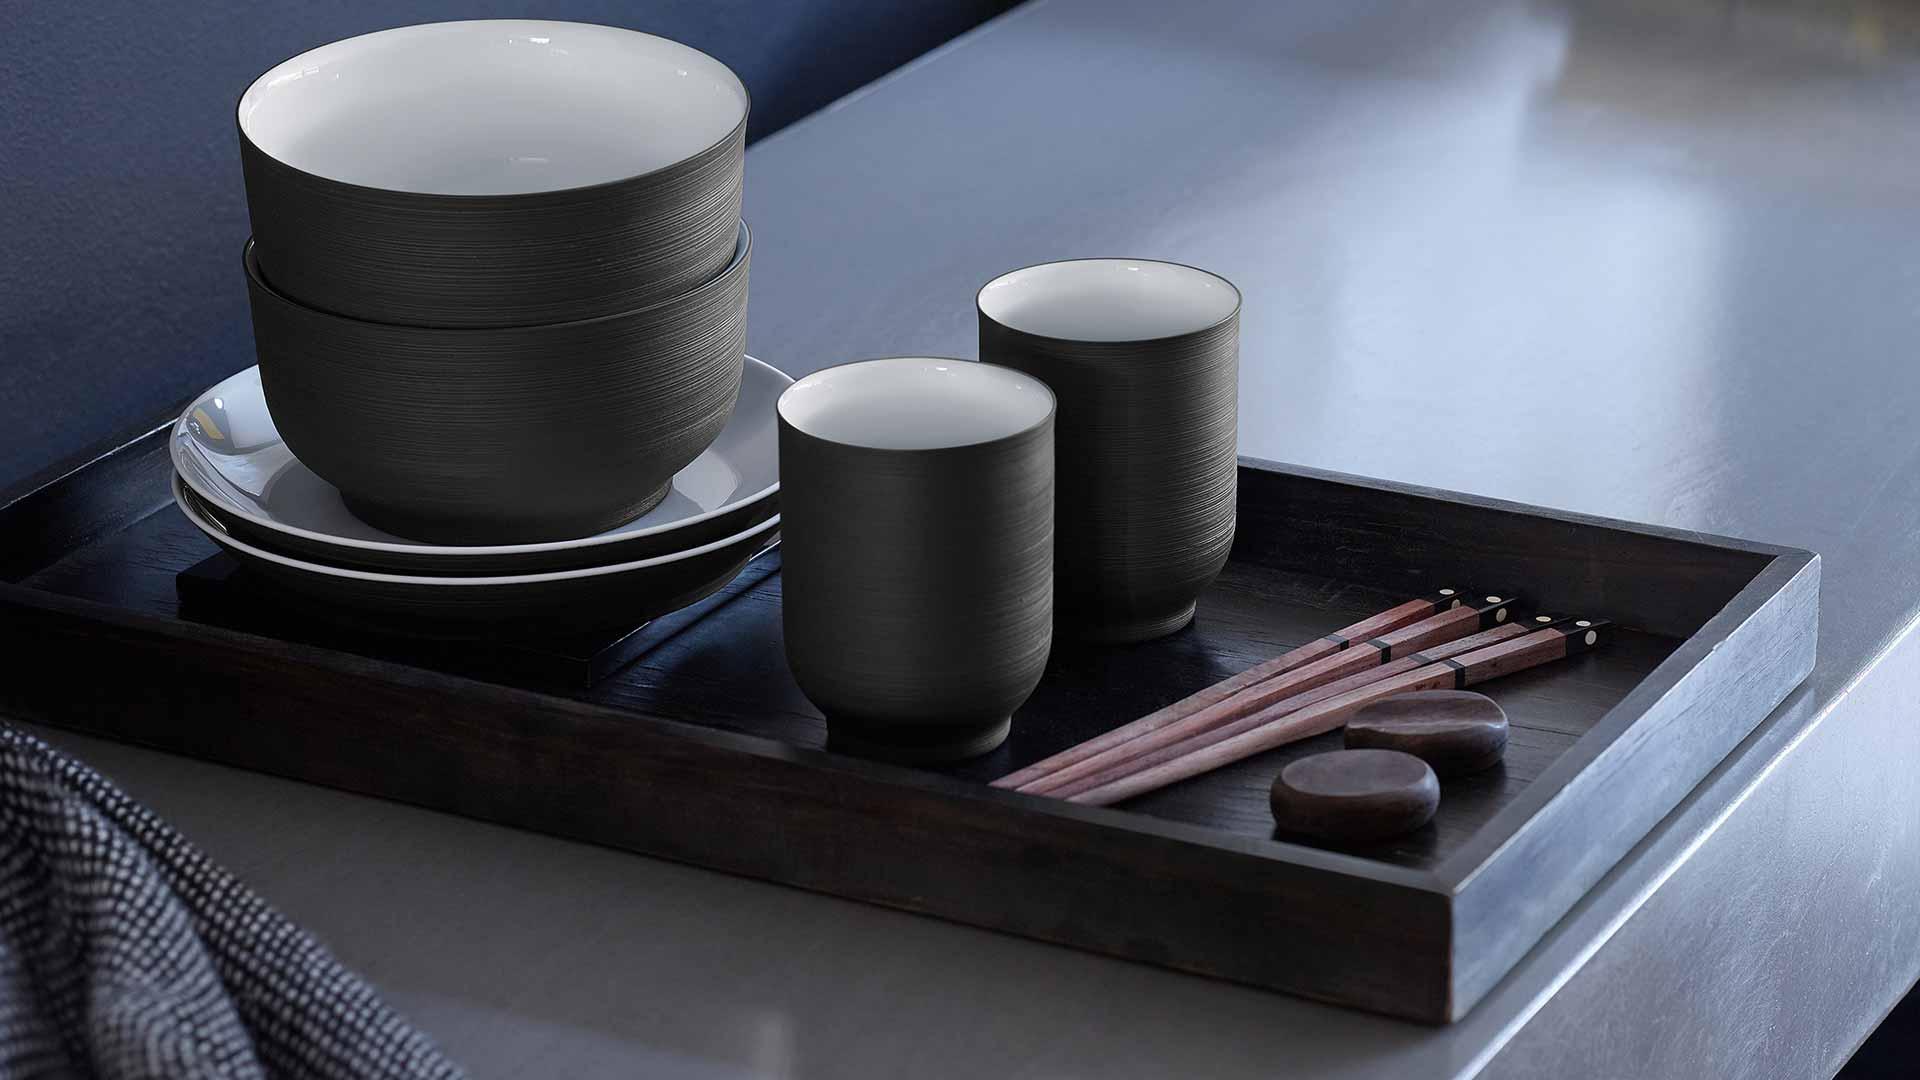 Eine Schale, zwei Becher und Untertassen auf einem kleinen schwarzen Tablett